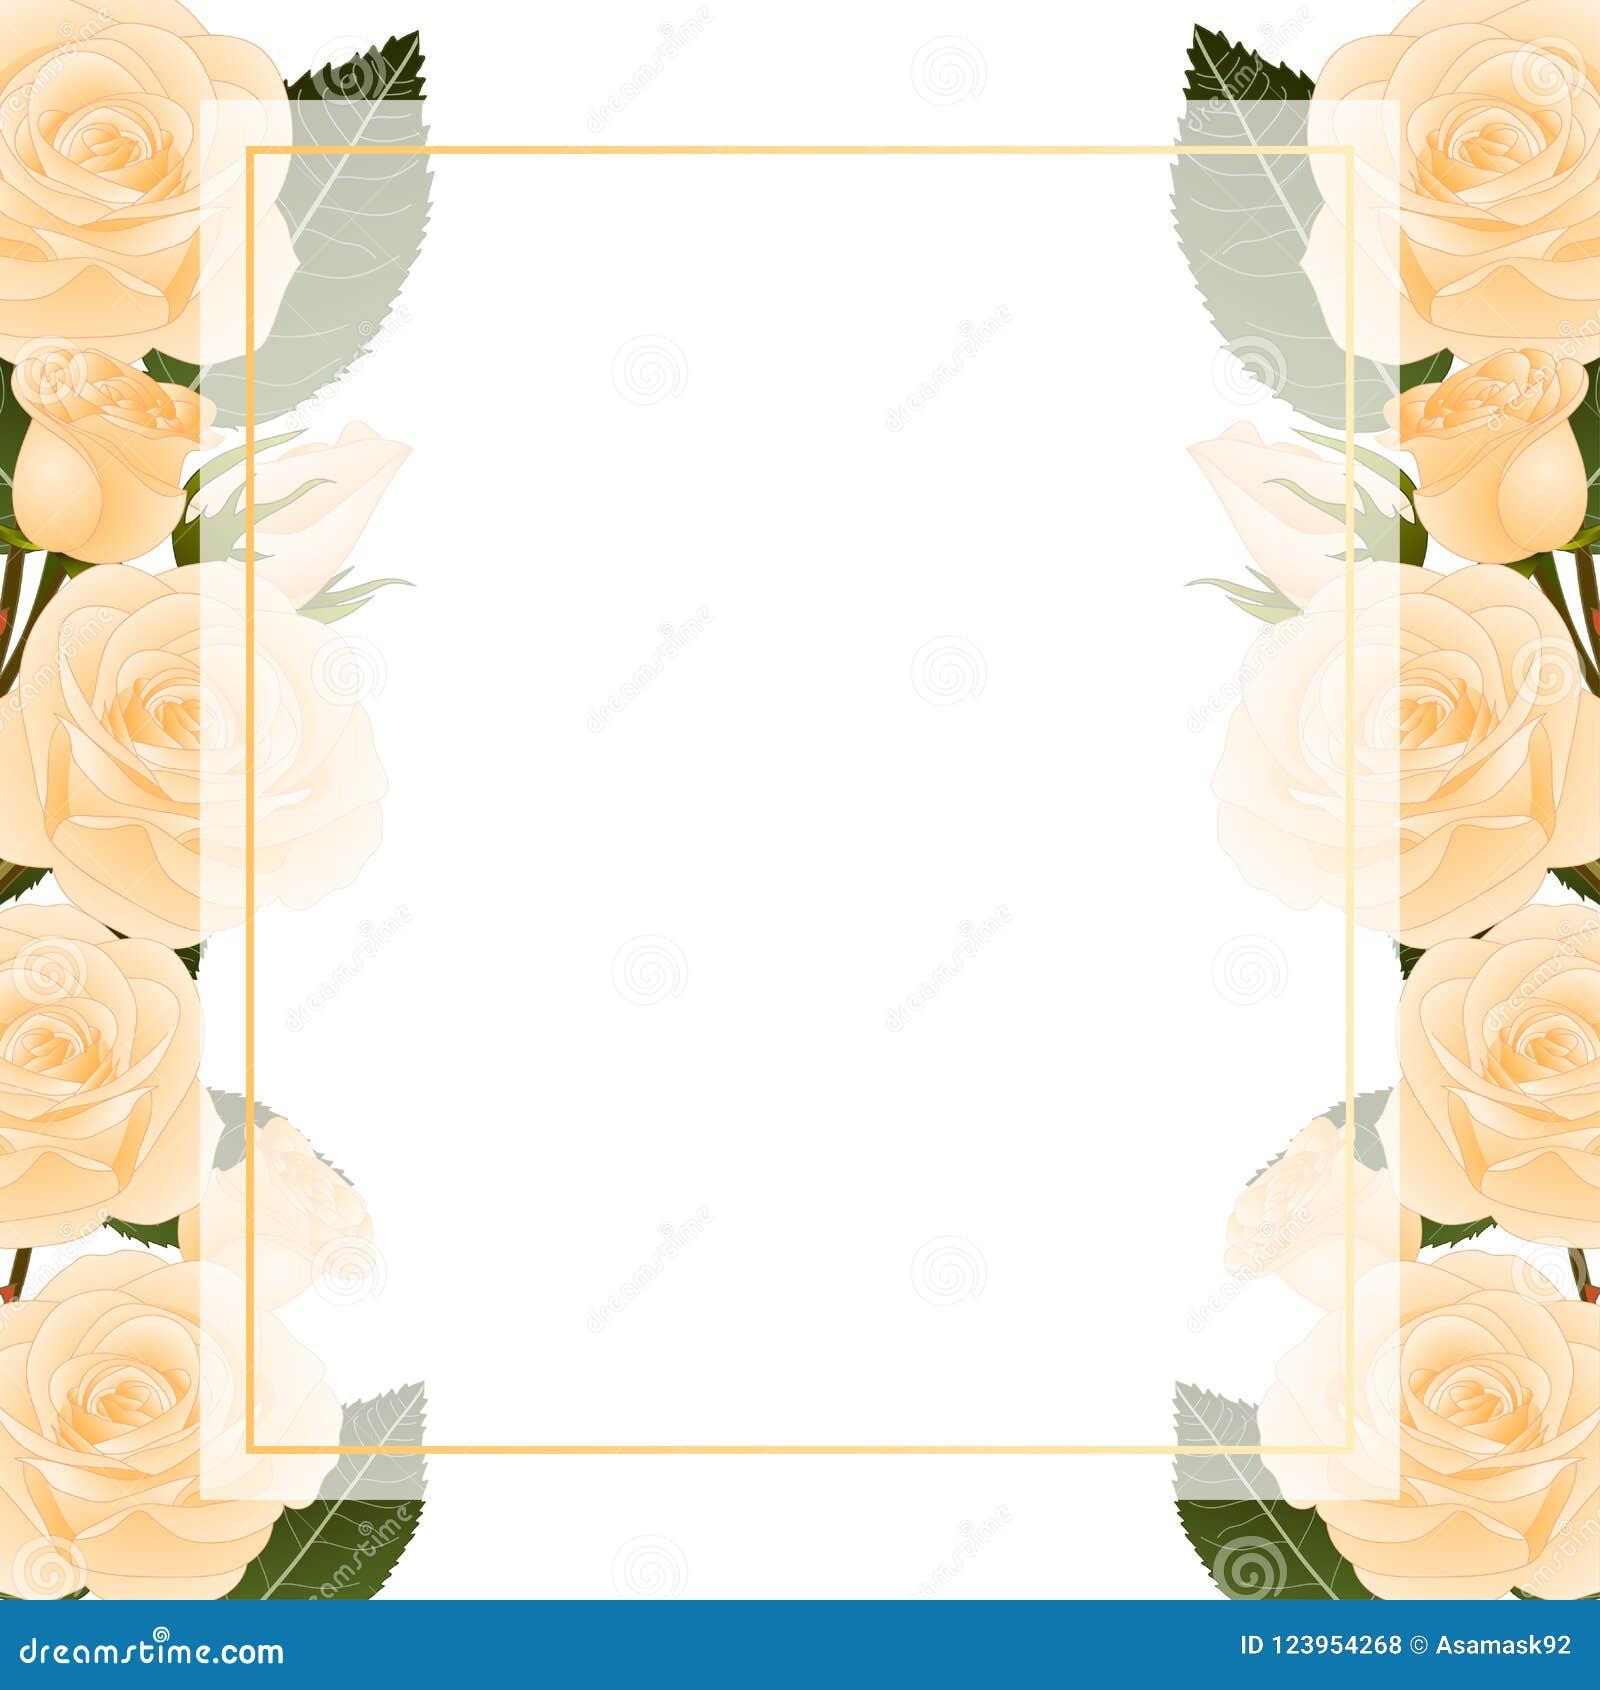 Orange Rose Flower Frame Banner Card Border. isolated on White Background. Vector Illustration